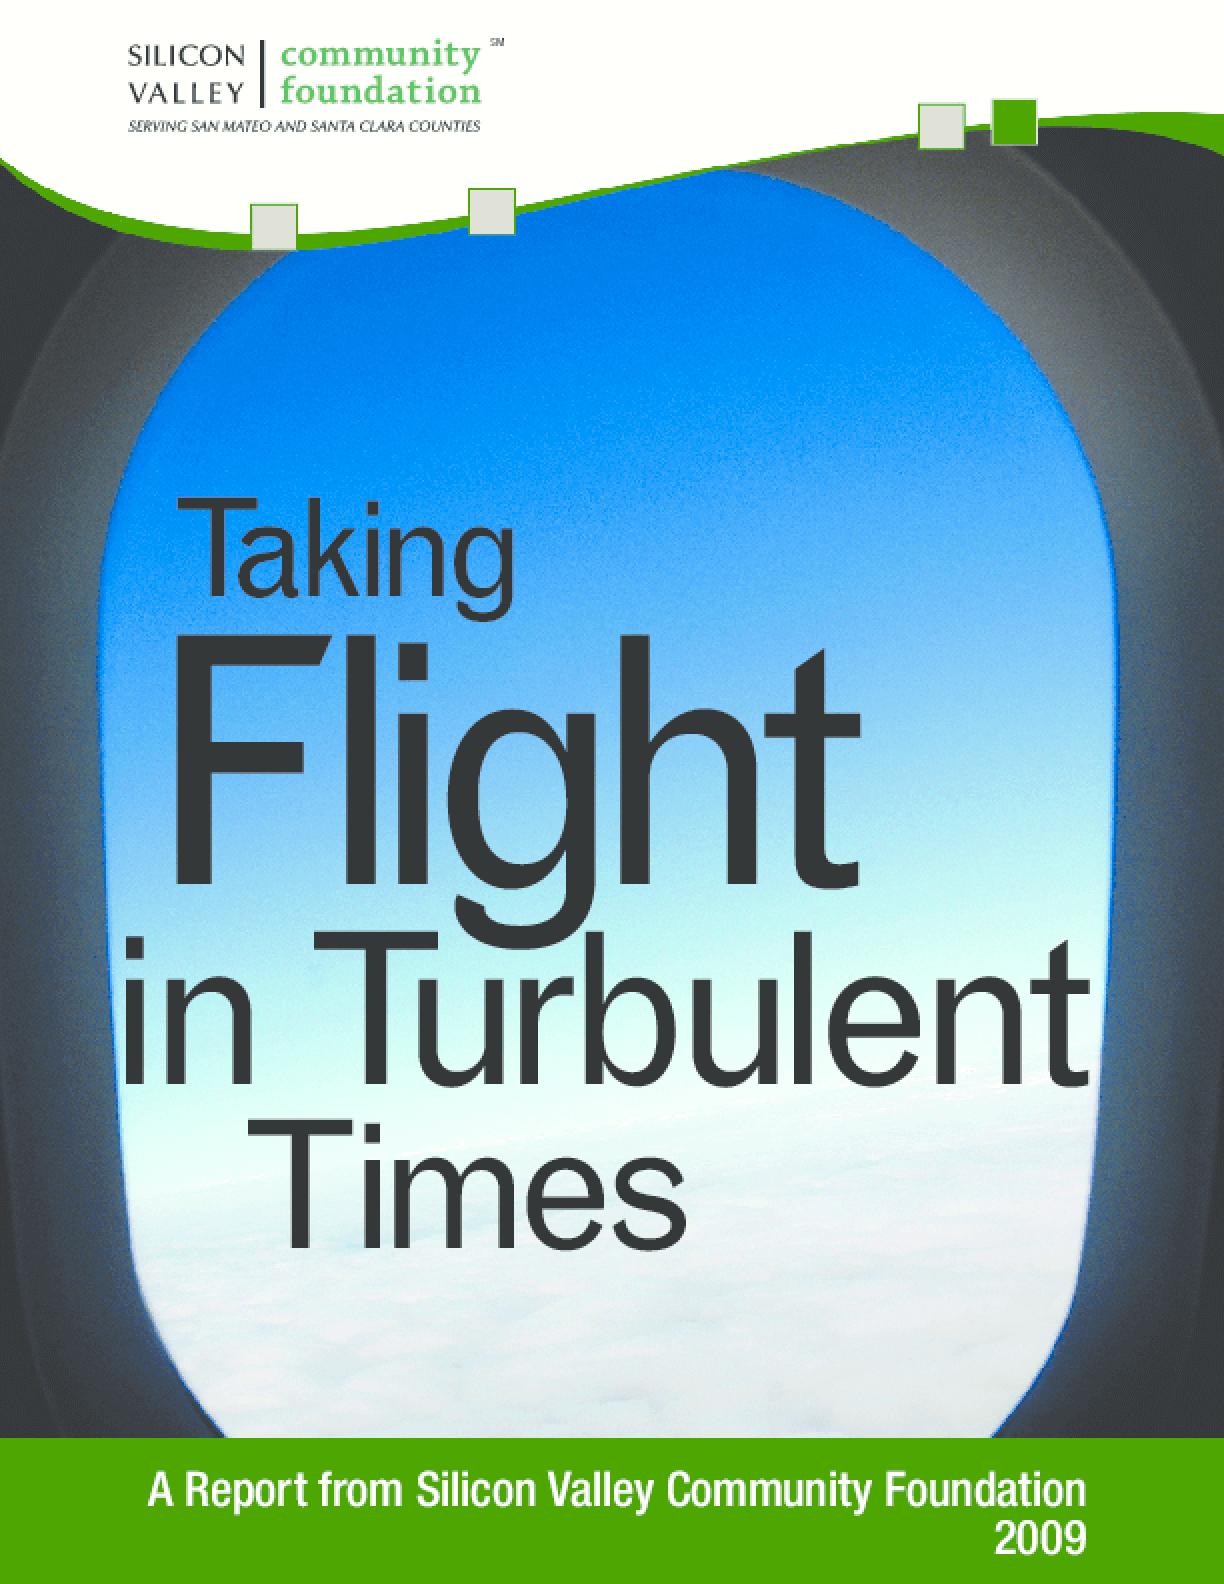 Taking Flight in Turbulent Times